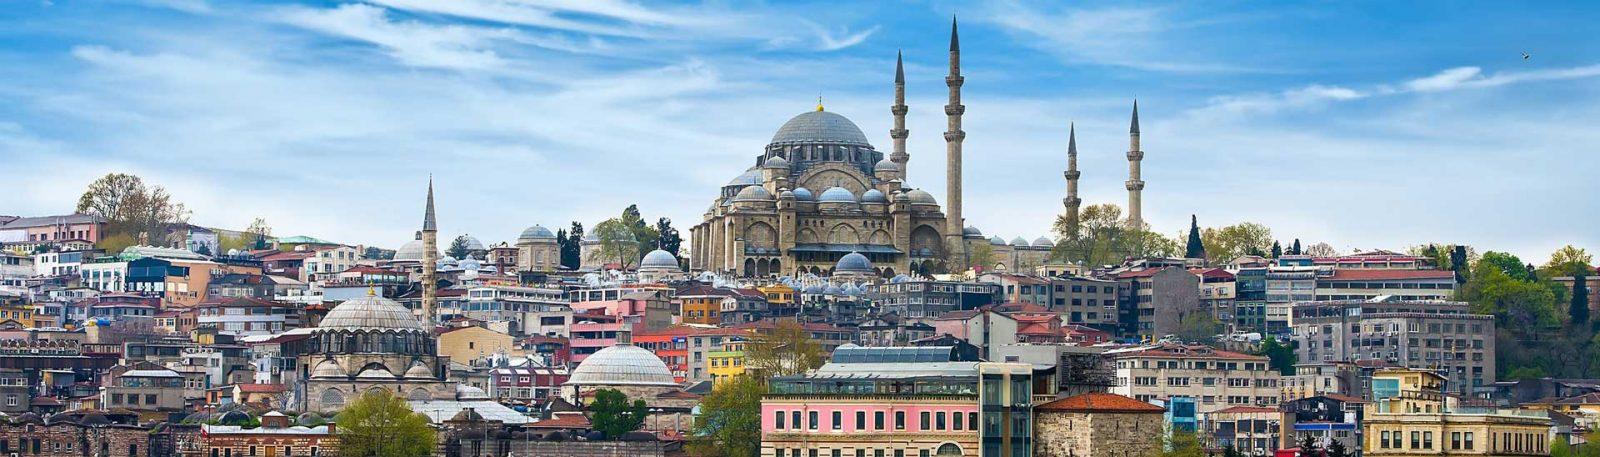 لیست دانشگاه های ترکیه مورد تایید وزارت بهداشت ۲۰۲۲- ۲۰۲۱